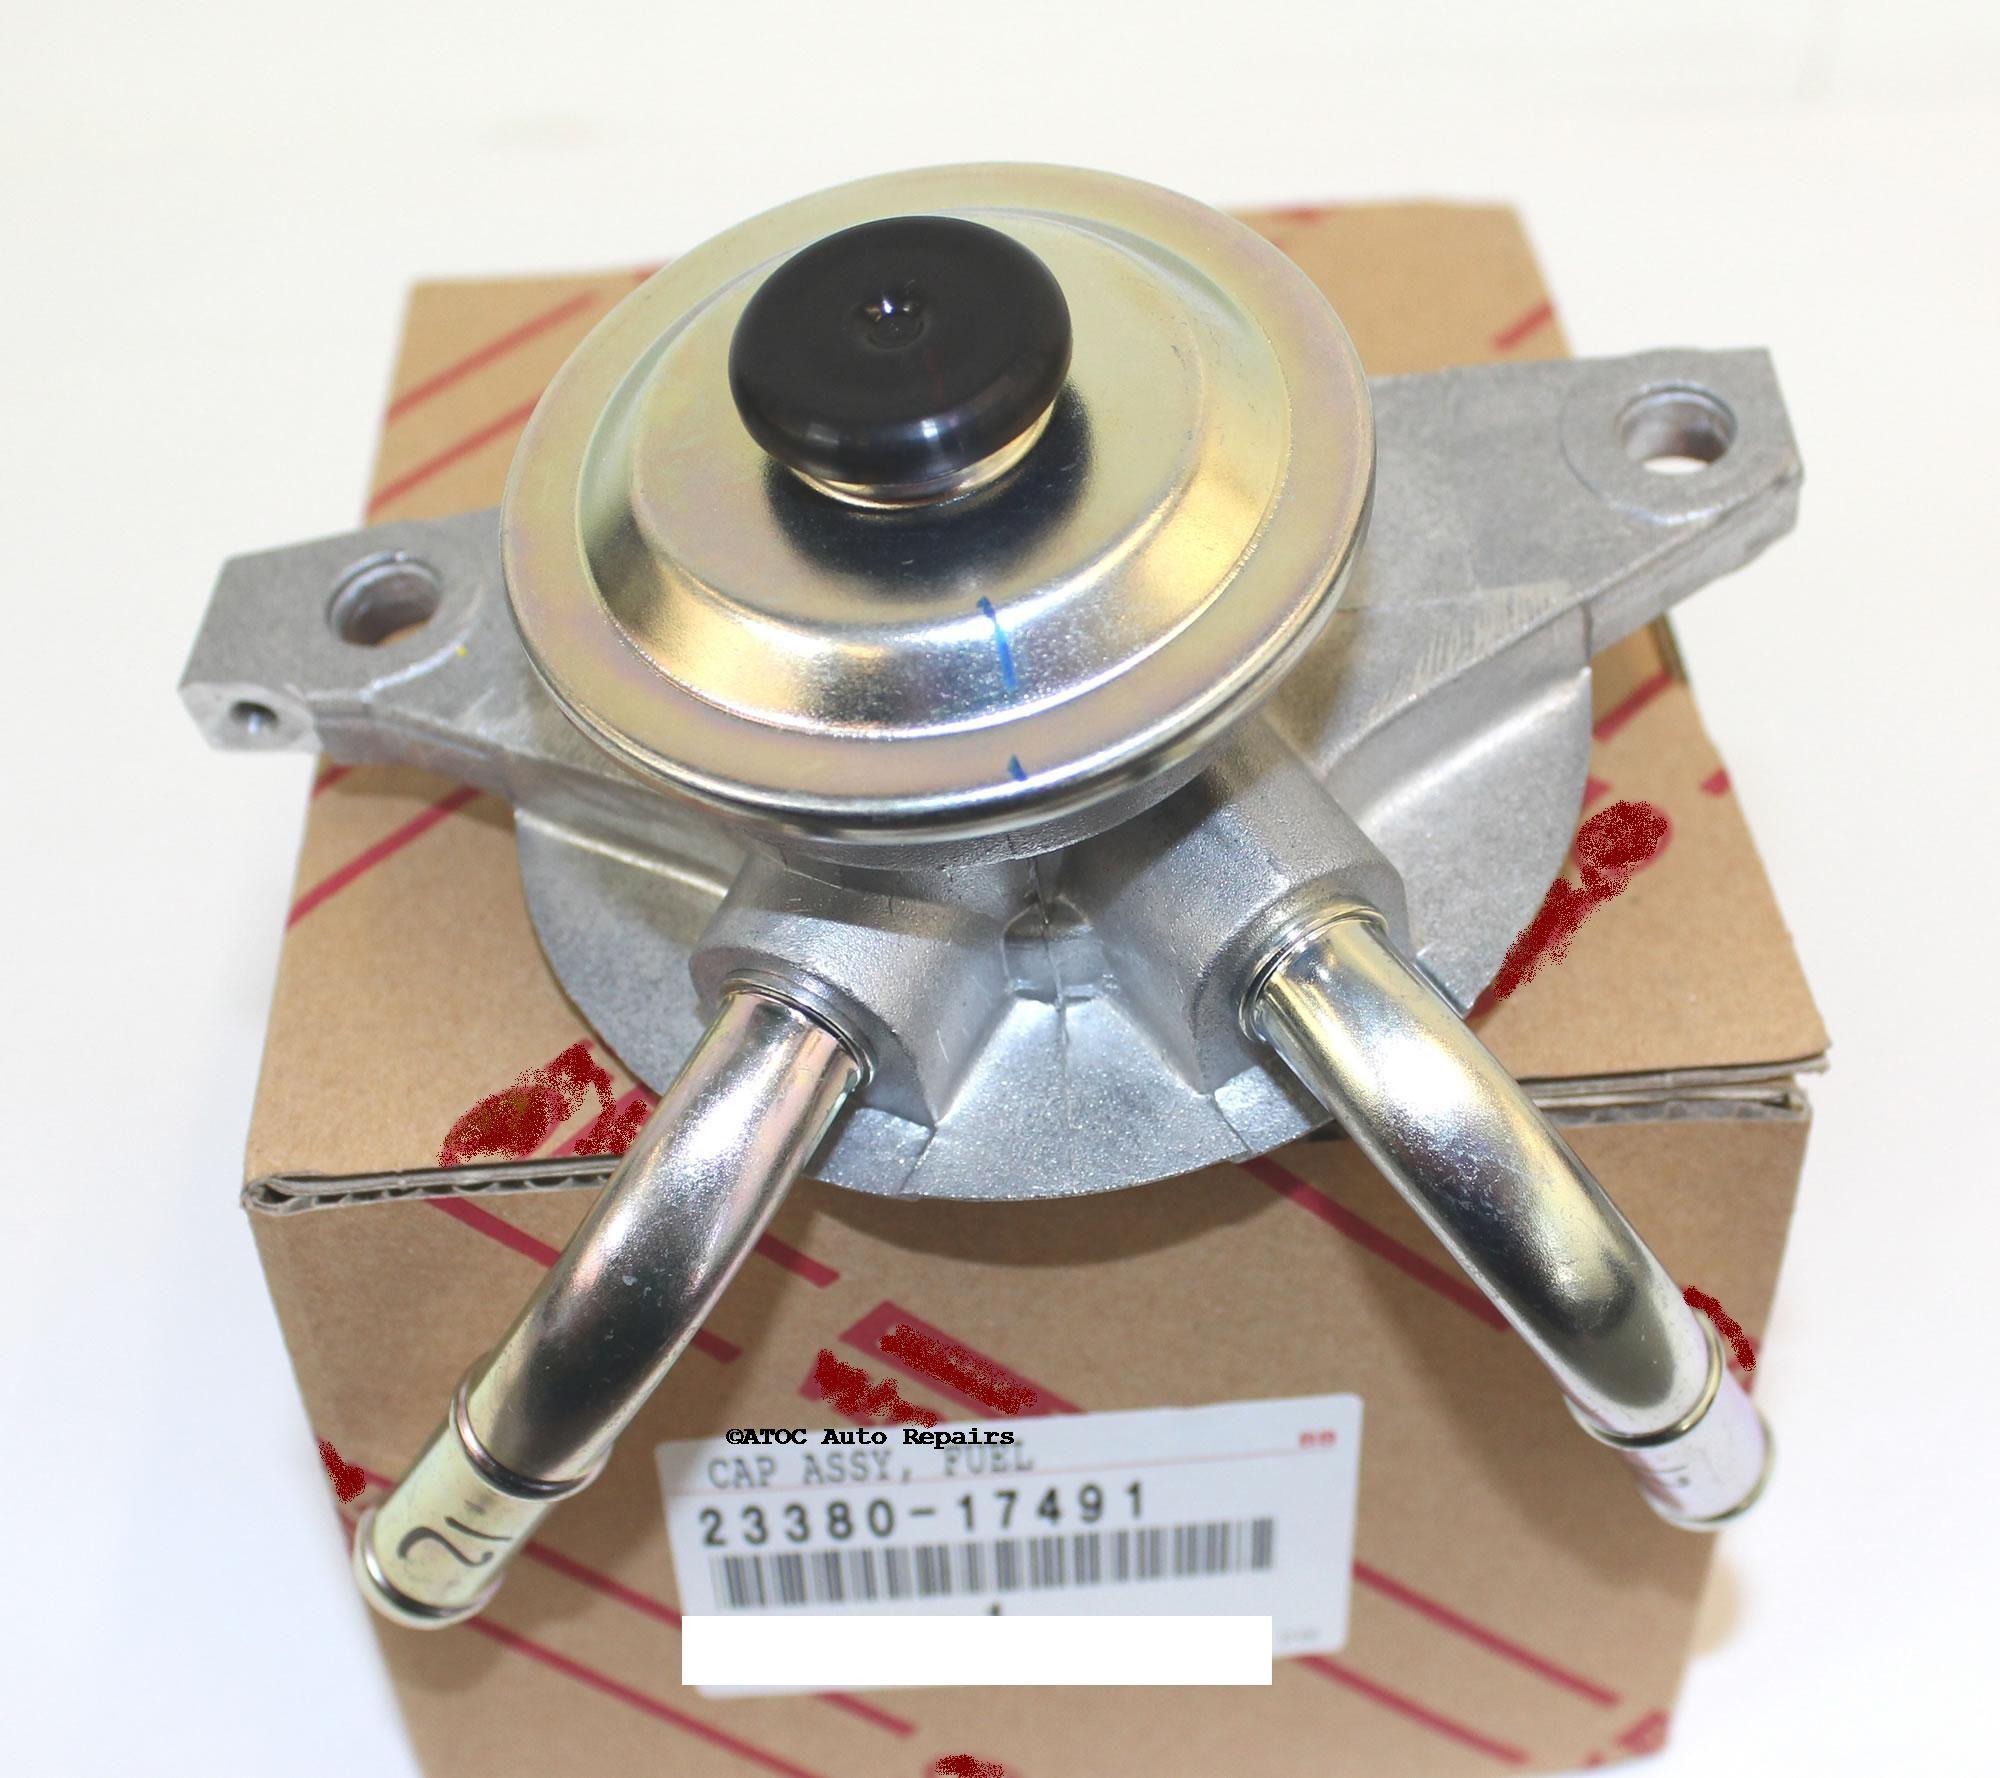 Oem Genuine Fuel Filter Priming Pump Base To Fit Hzj78 Hzj79 Hdj78 Ford Diesel Cap Hdj79